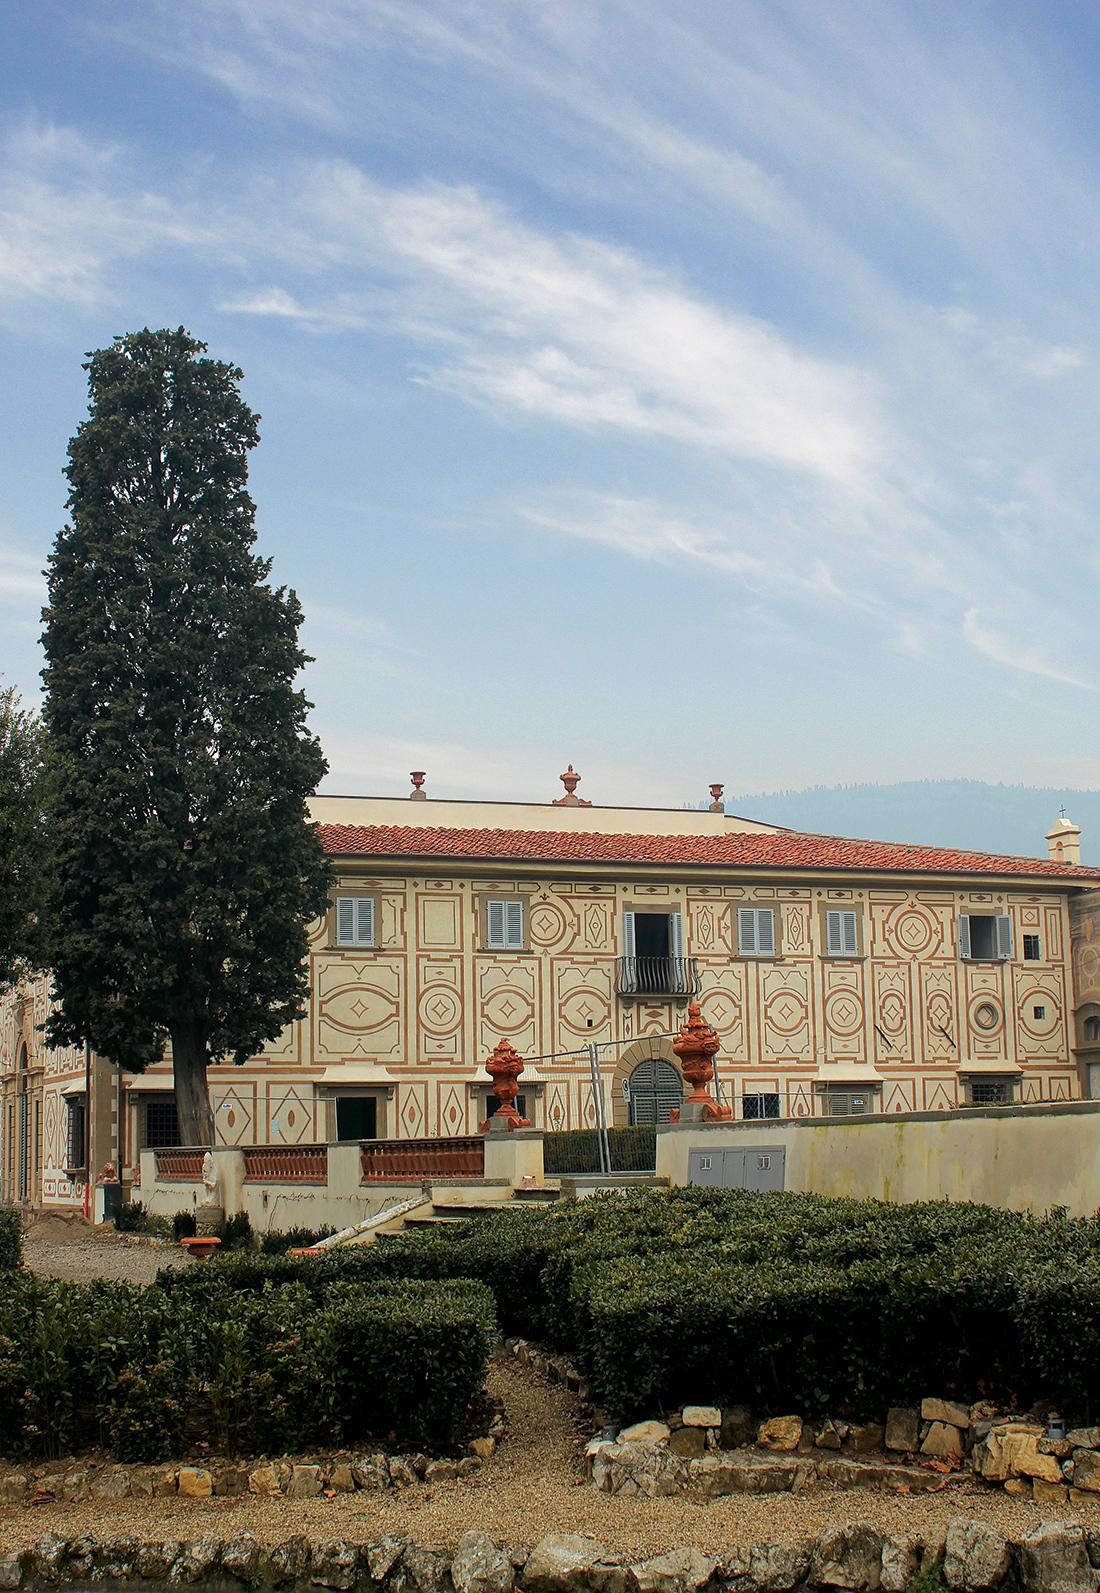 Recupero filologico di un giardino storico in Toscana